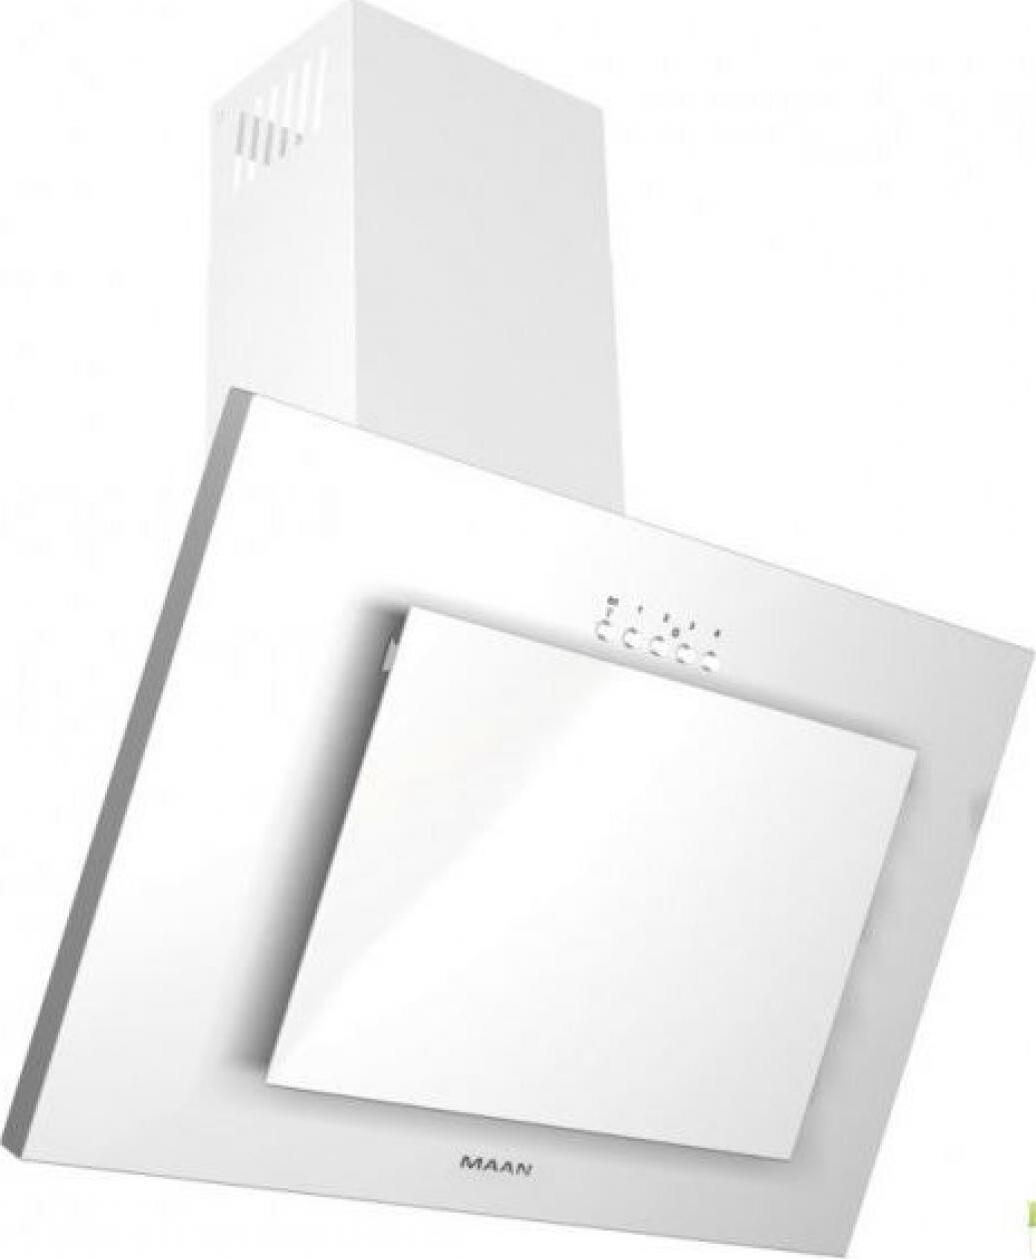 Кухонная вытяжка MAAN Vertical G 50 белый Кухонная вытяжка. Наклонная со стеклом, 600 м. куб./час 3 скорости...